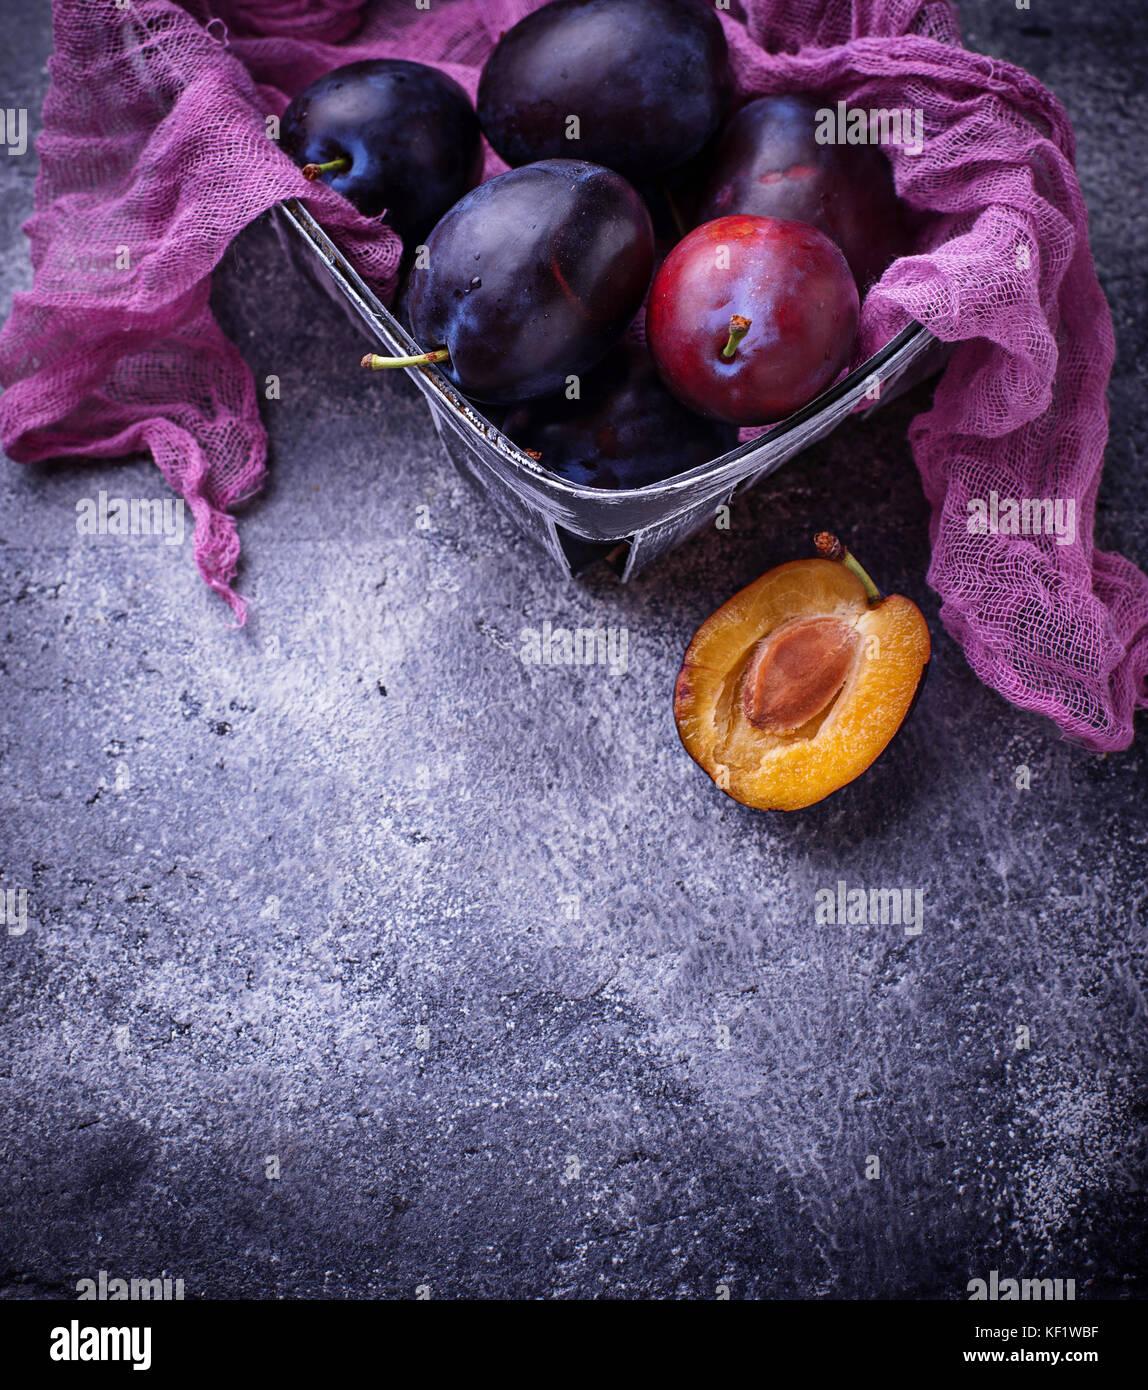 Dulce de ciruelas en hormigón fresco antecedentes Imagen De Stock